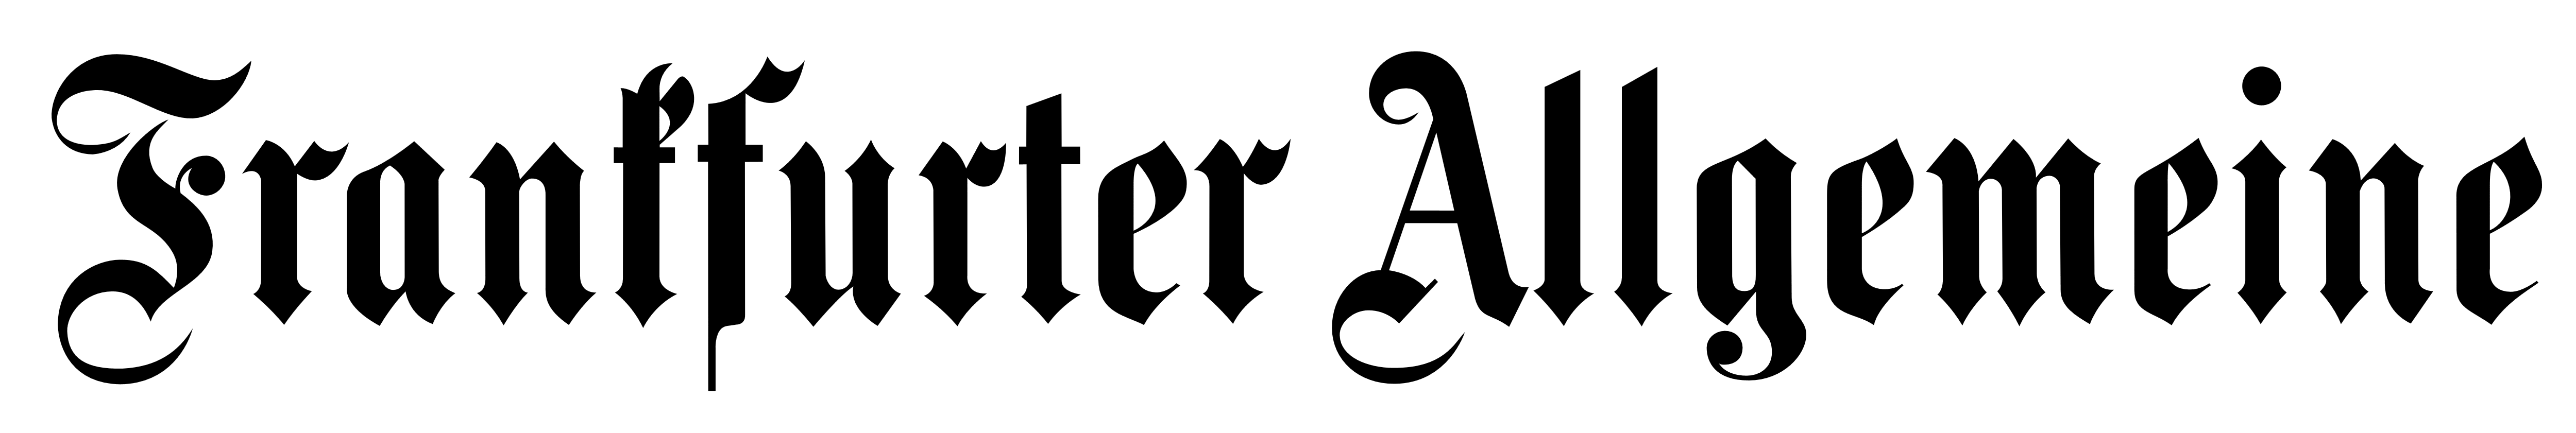 Frankfurter Allgemeine Logo Wallpaper